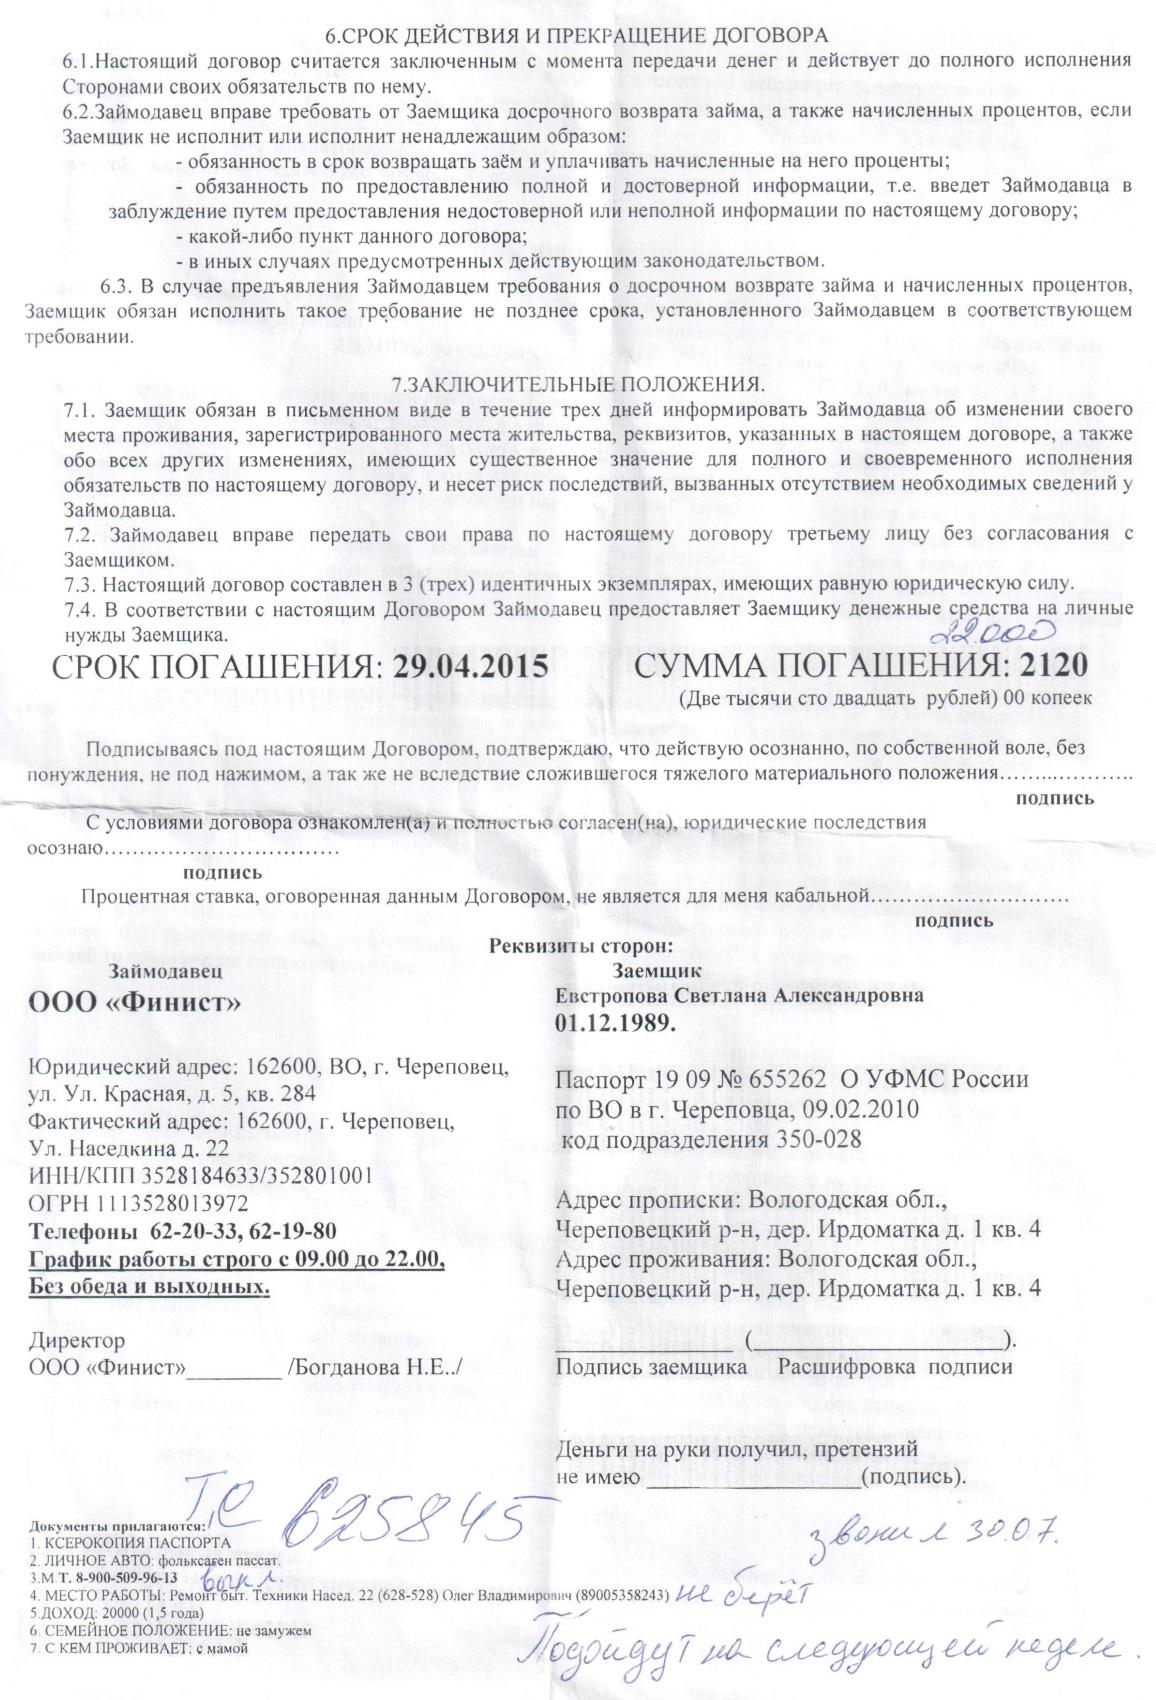 Договор займа с ООО ФИНИСТ